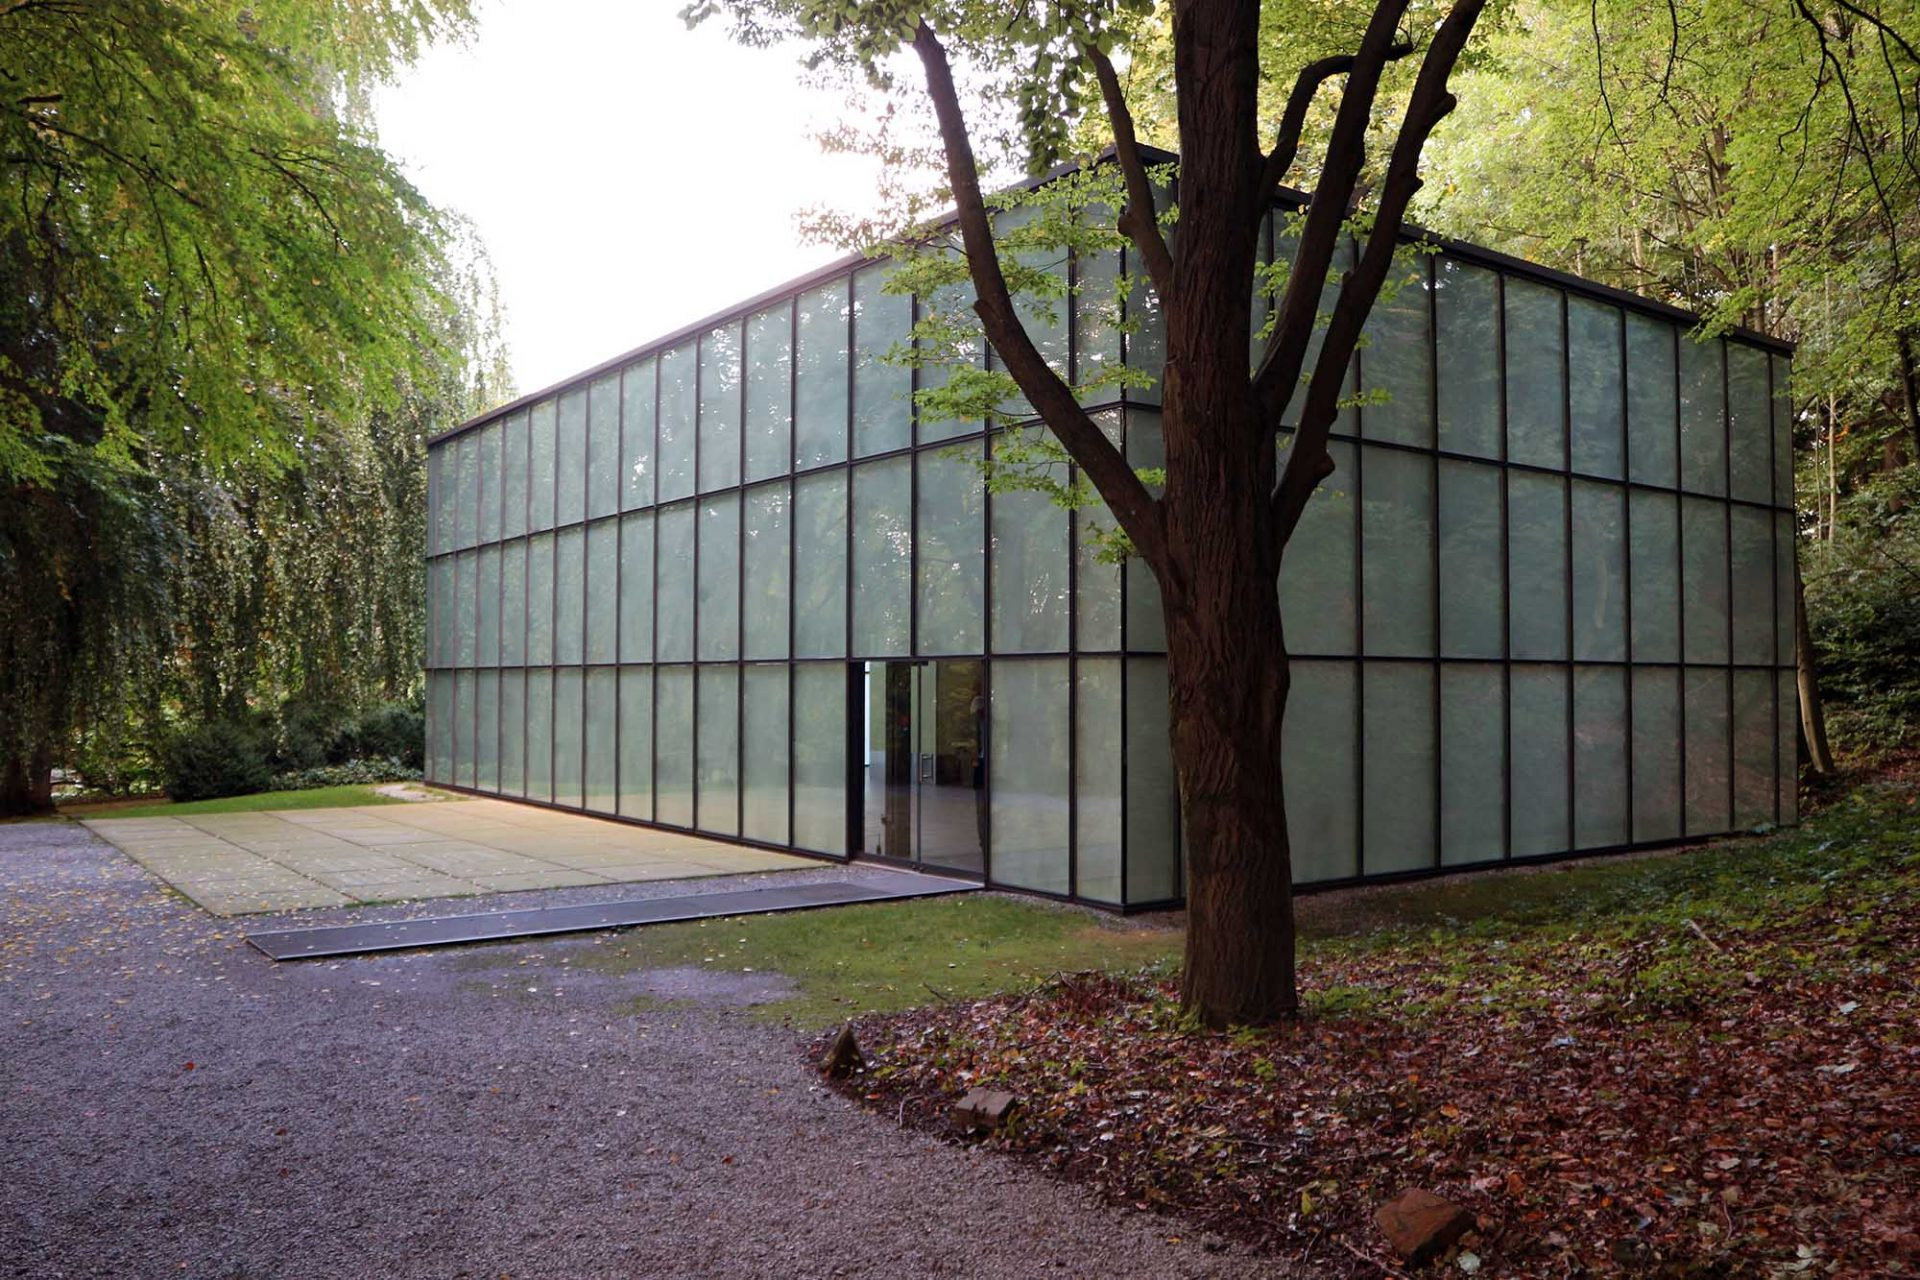 Skultpturenpark Waldfrieden. Ausstellungshalle